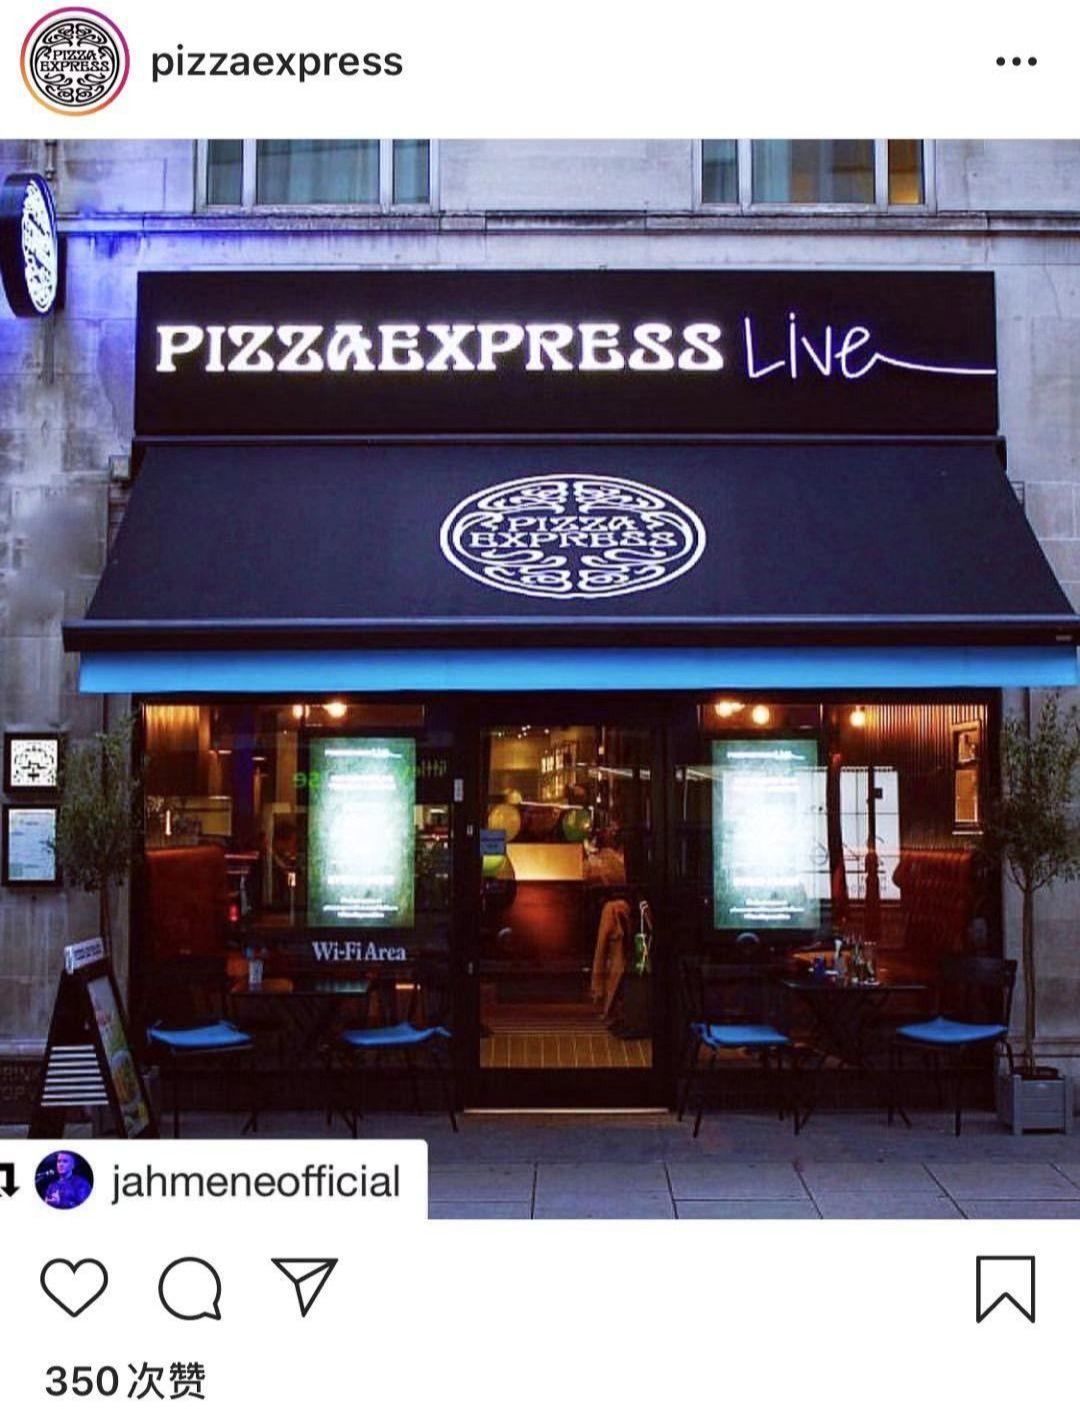 55岁的伦敦老店来IFS了!专卖脆脆披萨。